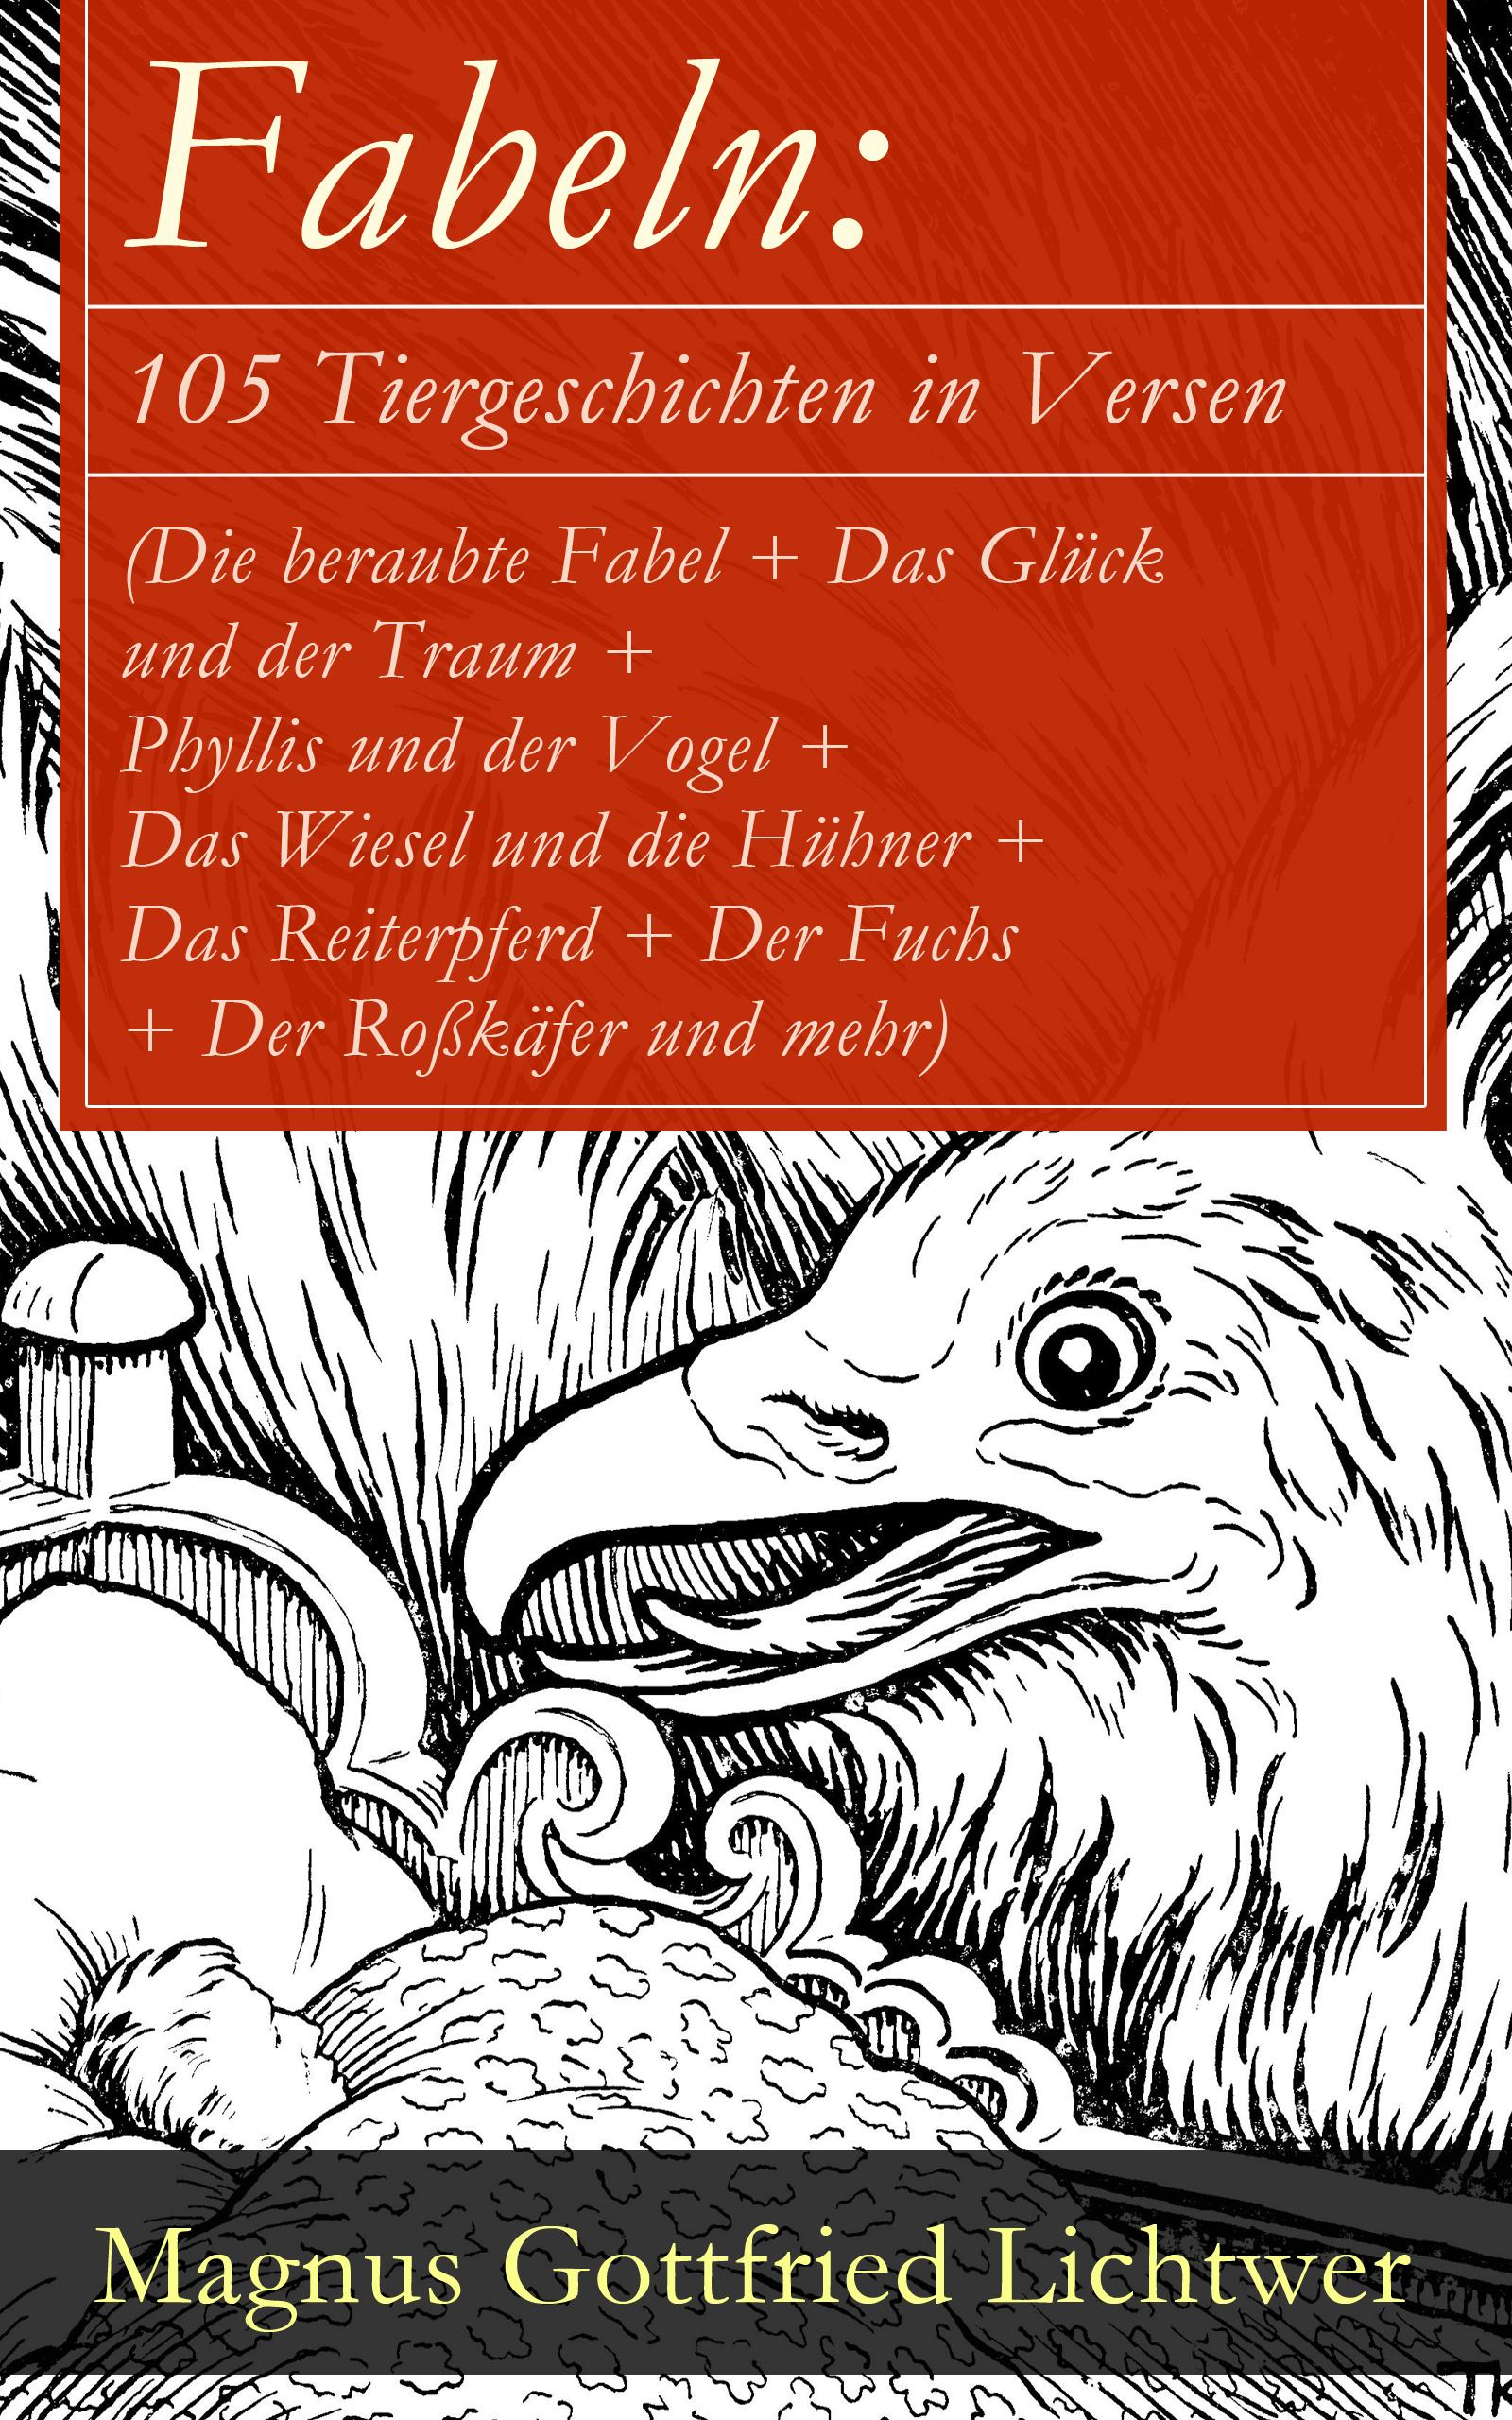 Magnus Gottfried Lichtwer Fabeln: 105 Tiergeschichten in Versen (Die beraubte Fabel + Das Glück und der Traum + Phyllis und der Vogel + Das Wiesel und die Hühner + Das Reiterpferd + Der Fuchs + Der Roßkäfer und mehr) nina federer das vermächtnis der venus